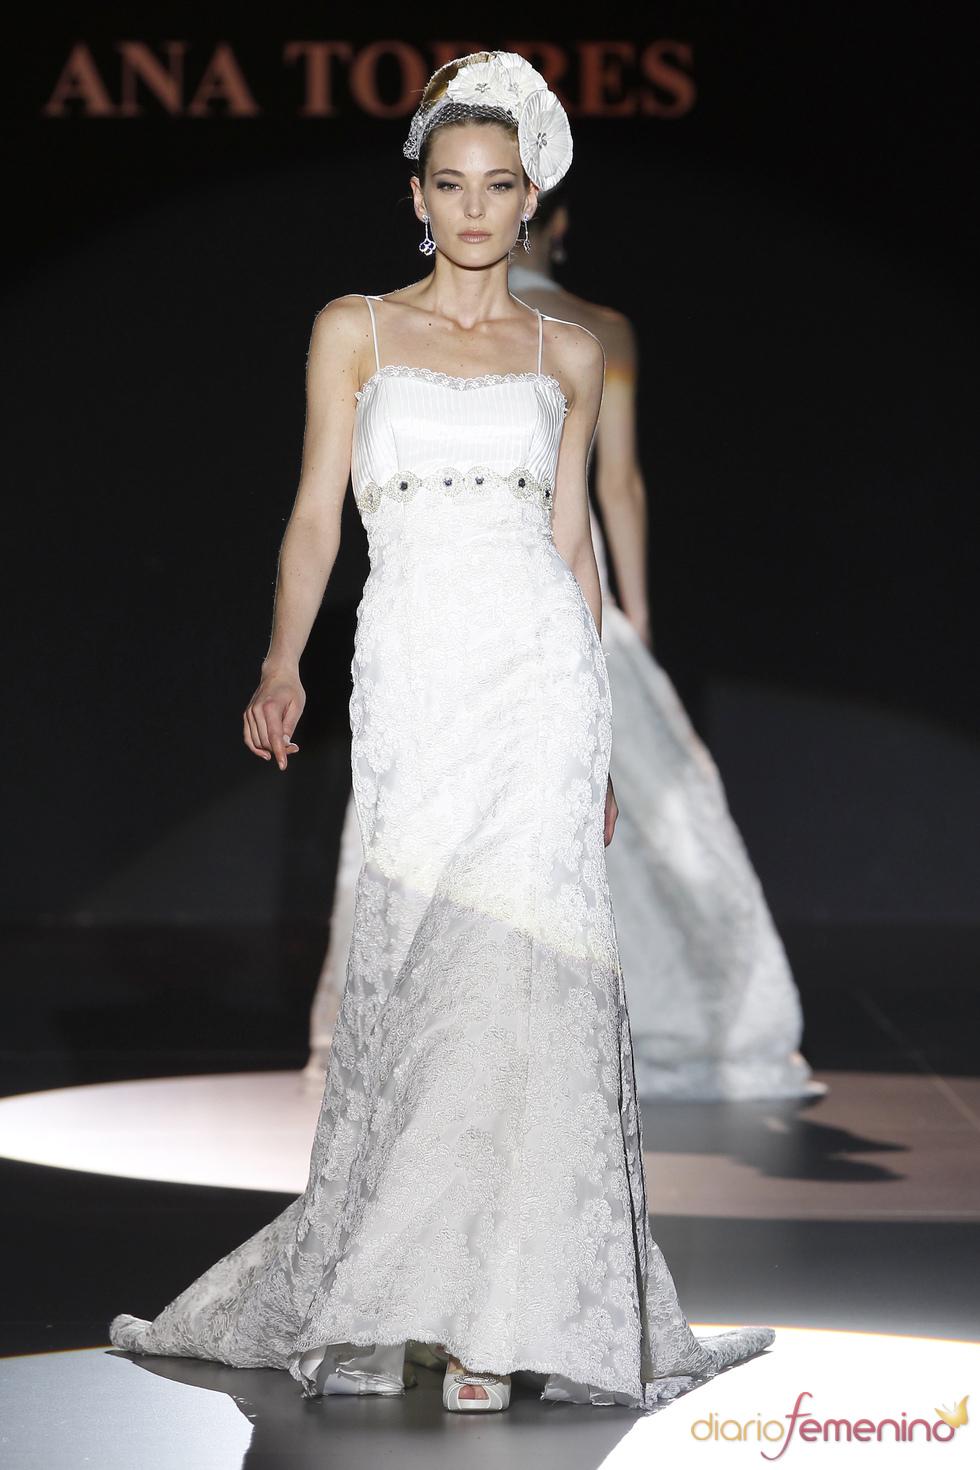 Vestido de novia de Ana Torres